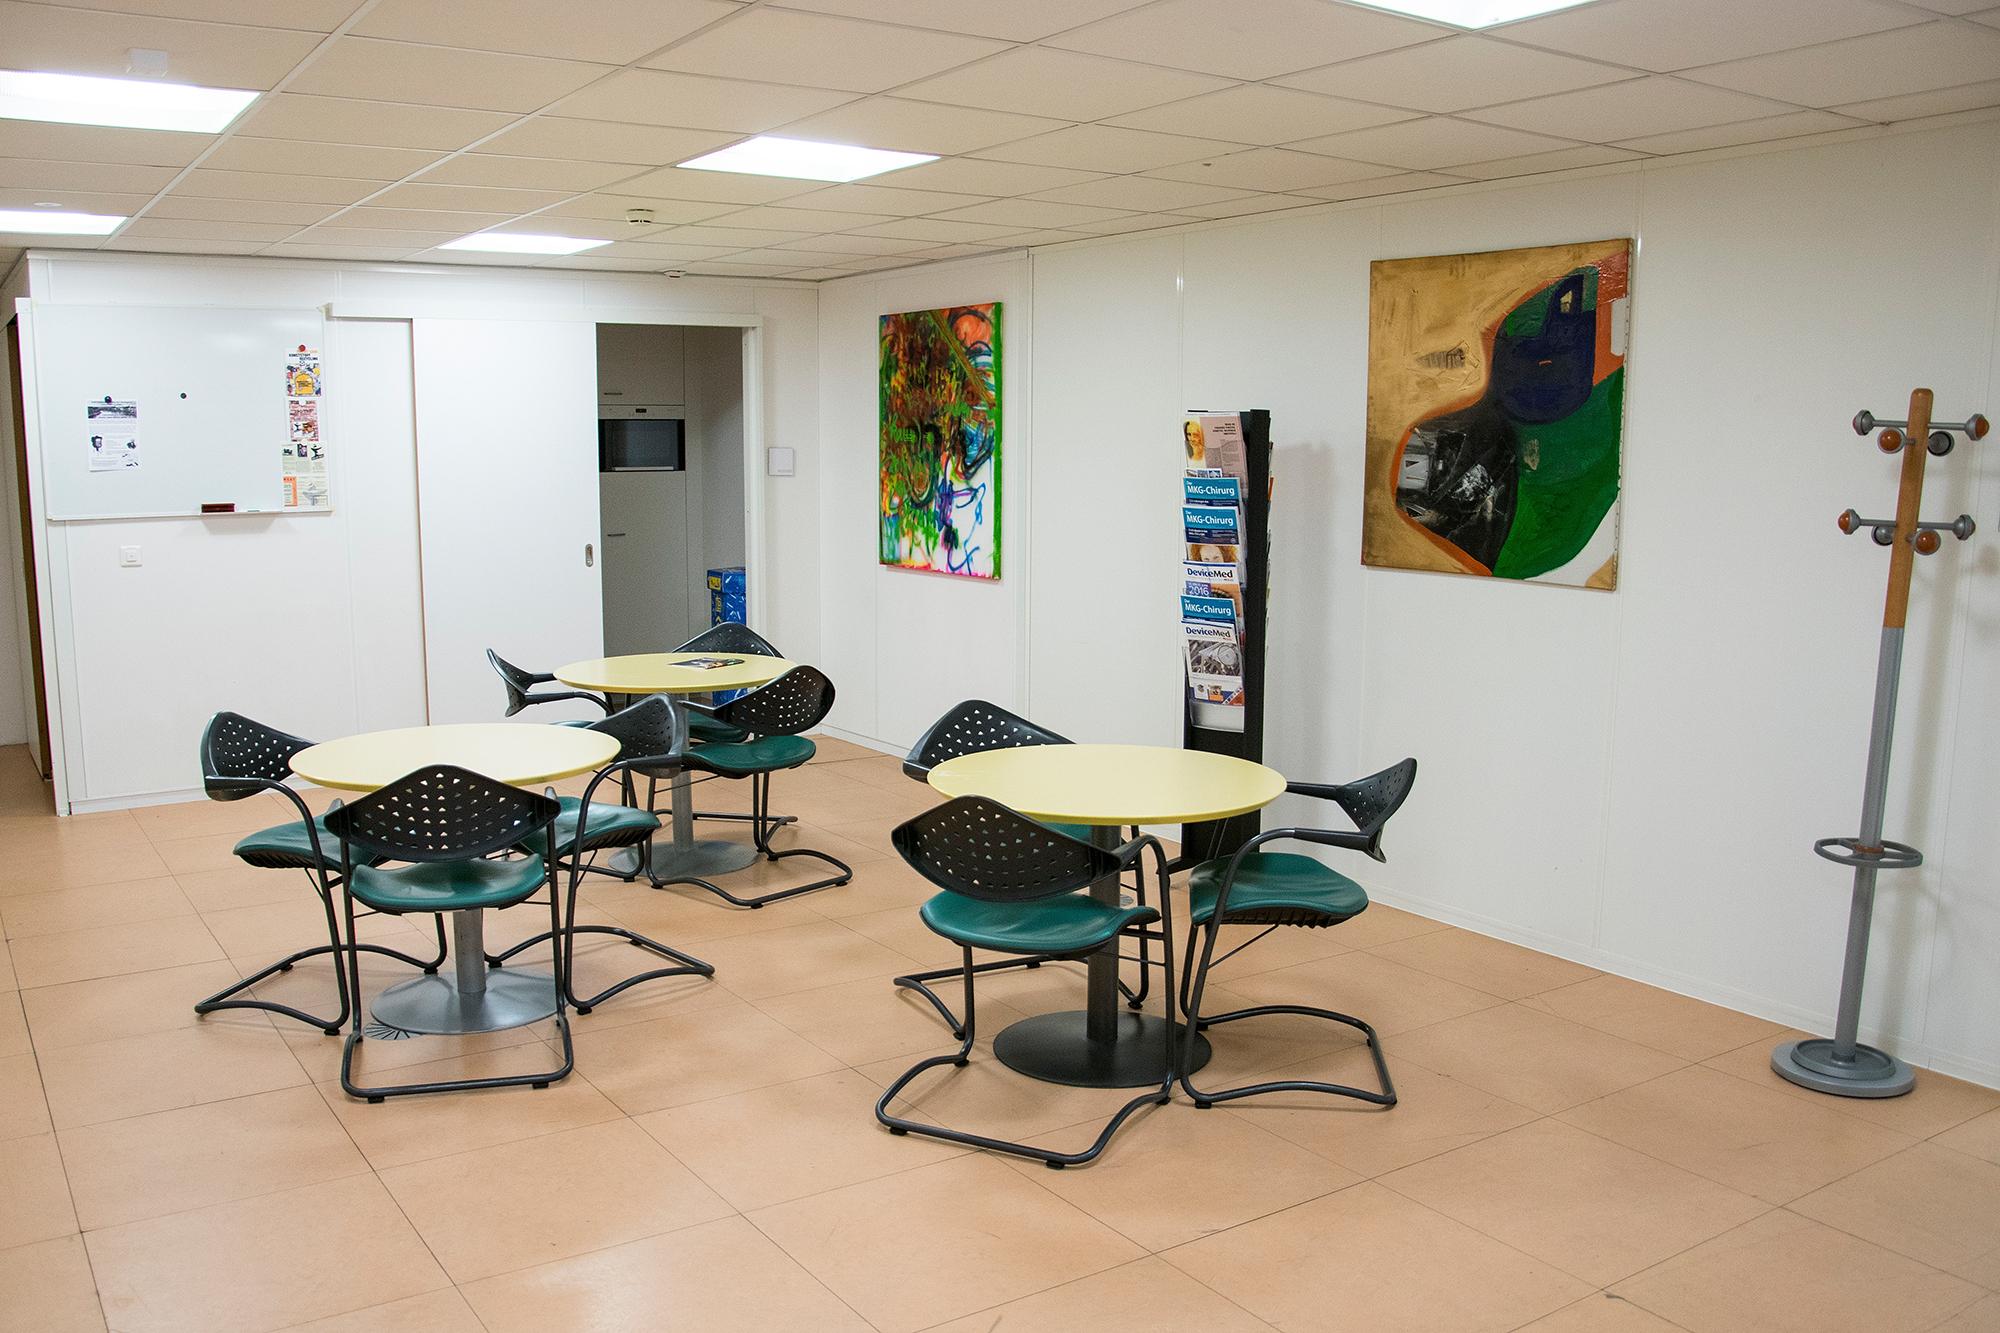 Leere und Tristesse: Der Aufenthaltsraum im ehemaligen Actelion-Gebäude lädt nicht zum Verweilen ein.